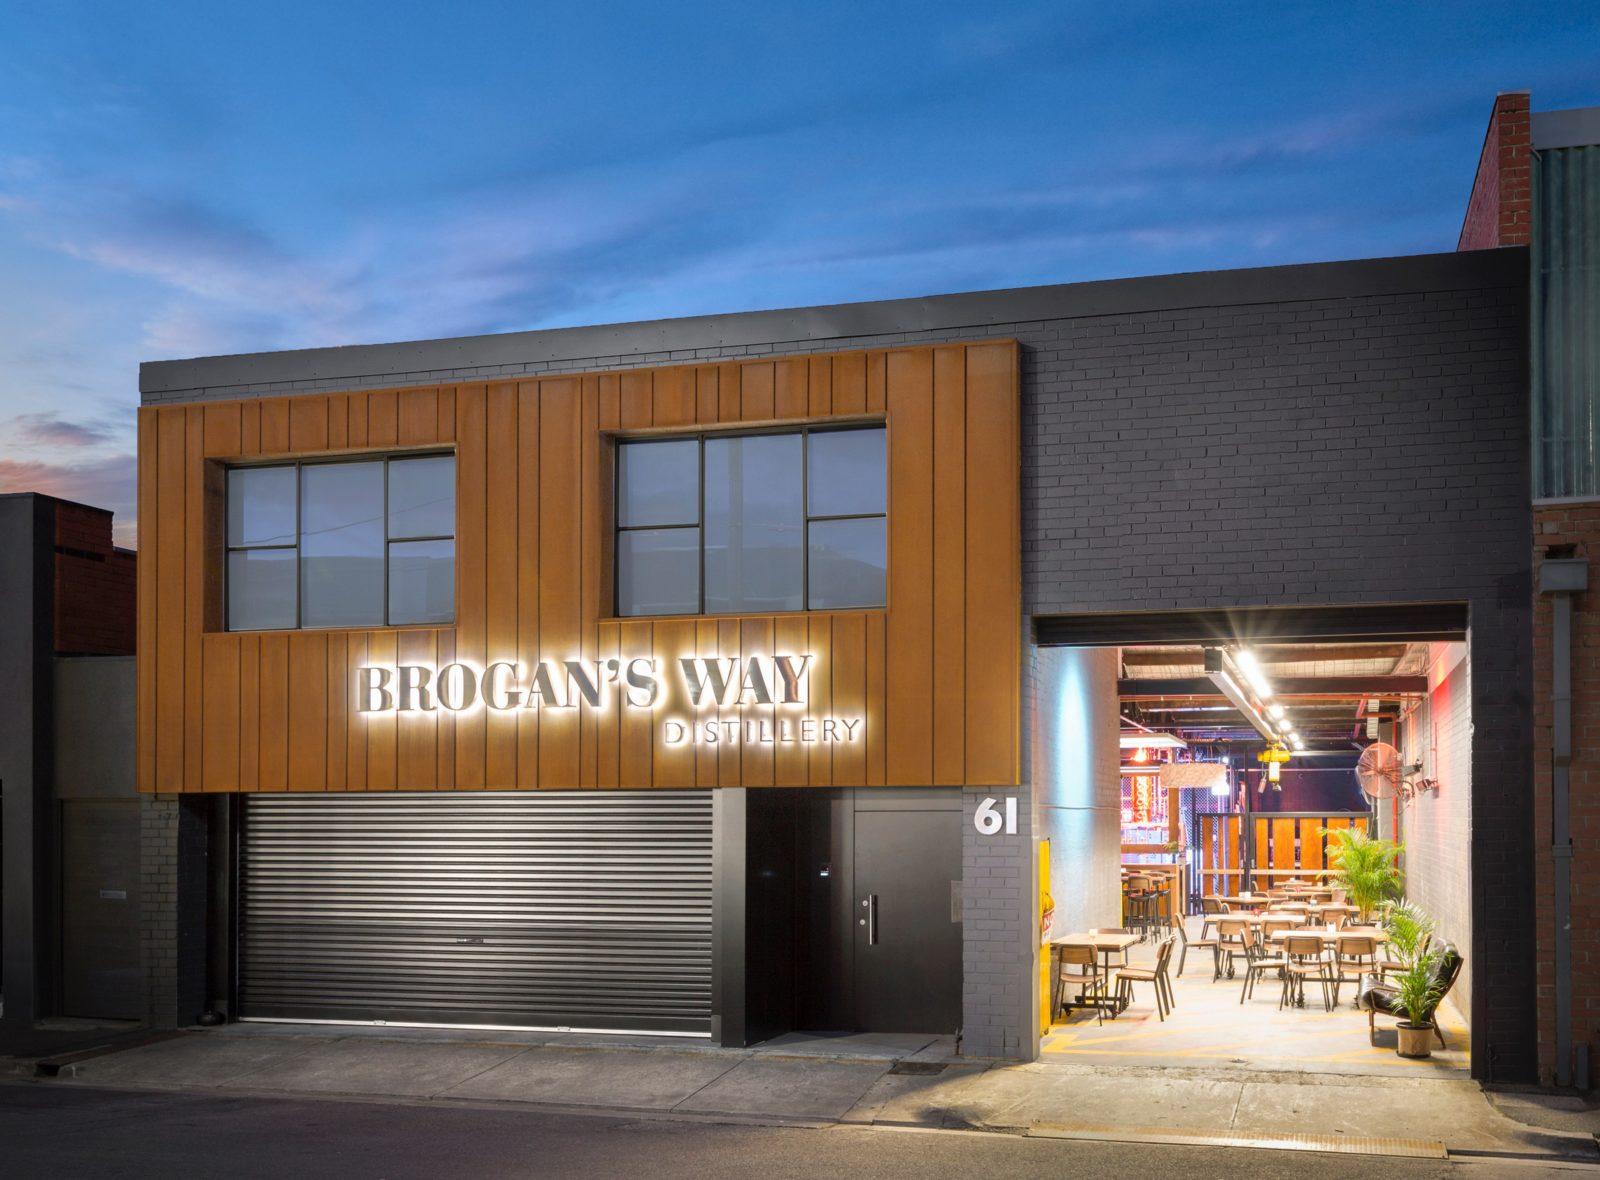 Brogan's Way Distillery